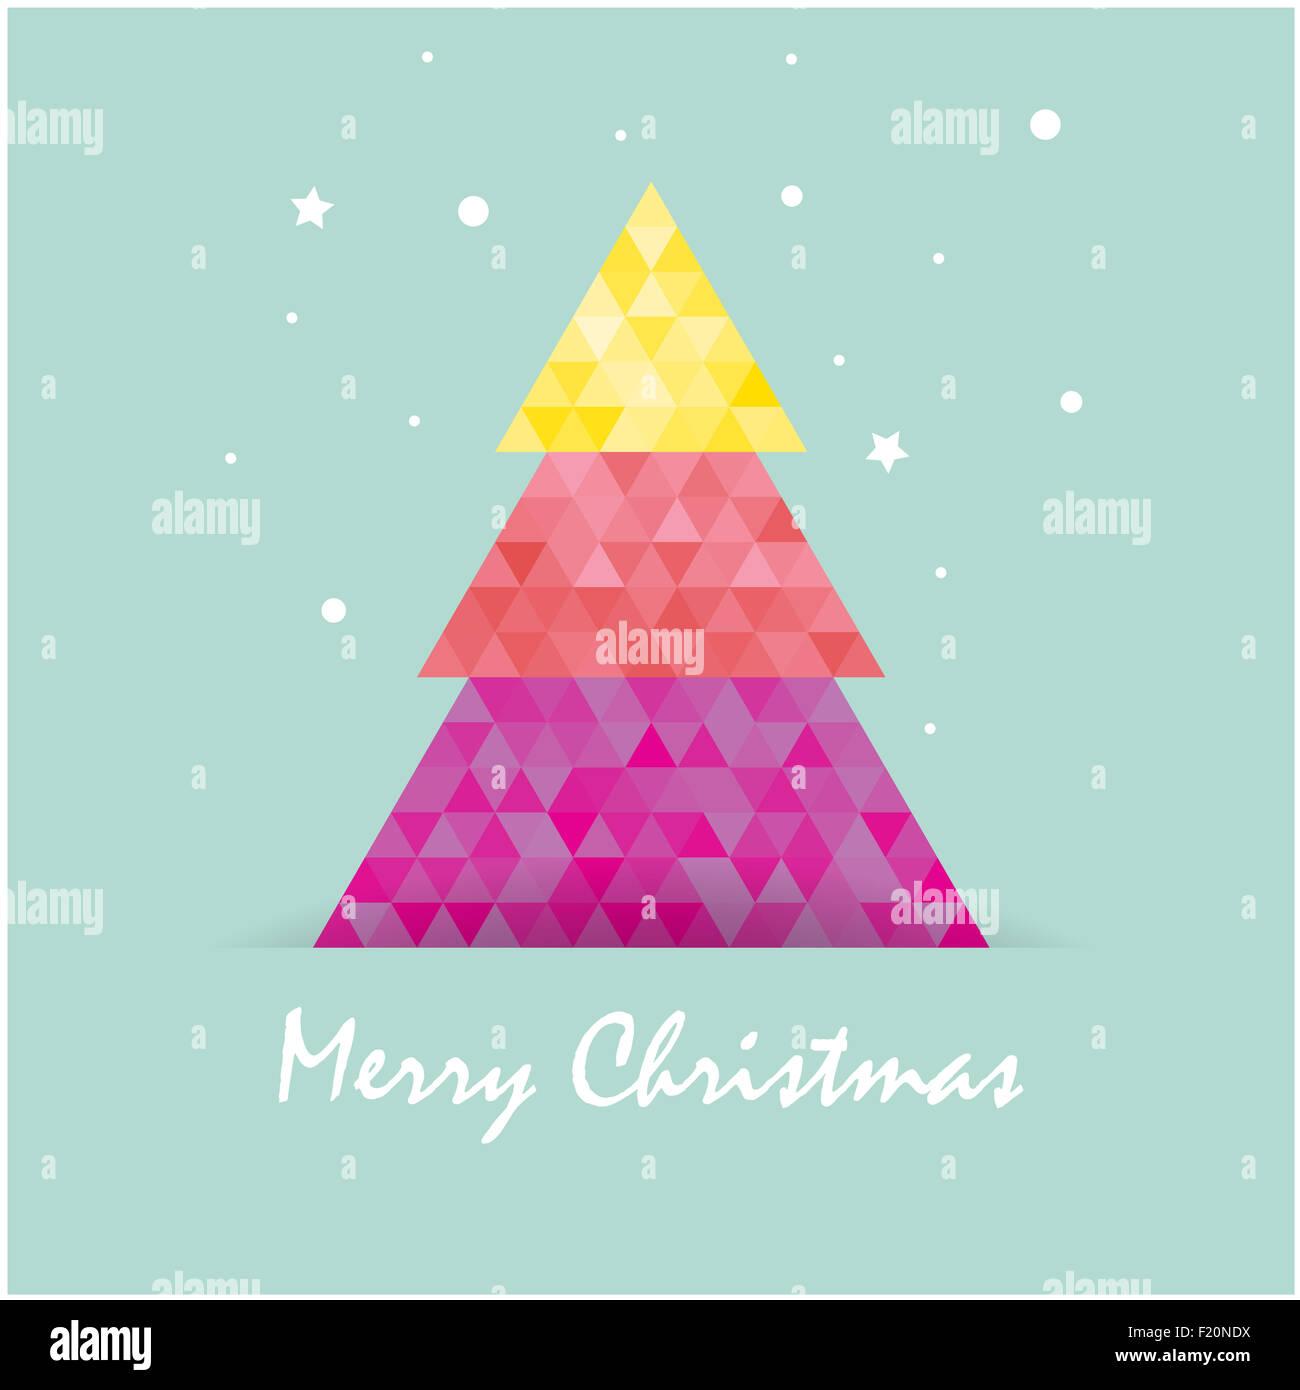 Christmas postcard template with christmas tree Stock Photo ...